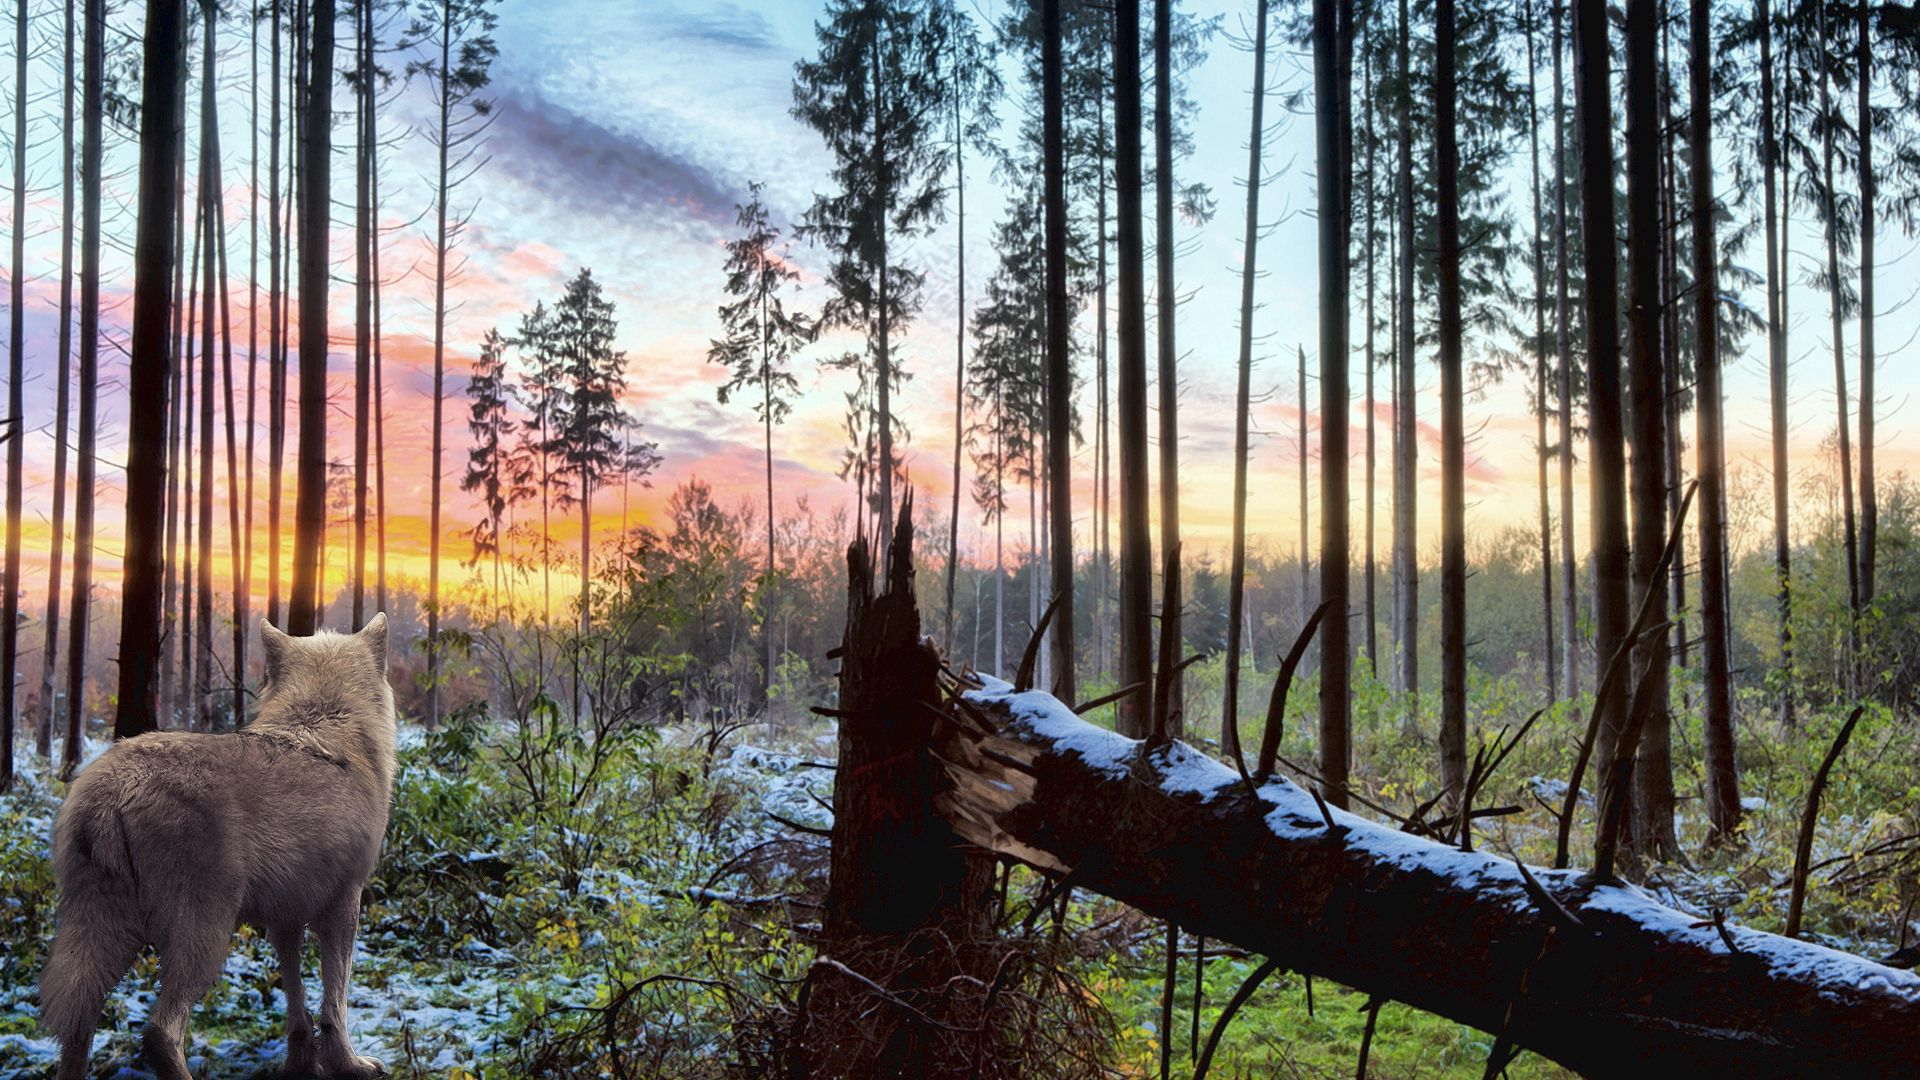 76822 Hintergrundbild herunterladen Tiere, Wald, Wolf, Einsamkeit - Bildschirmschoner und Bilder kostenlos